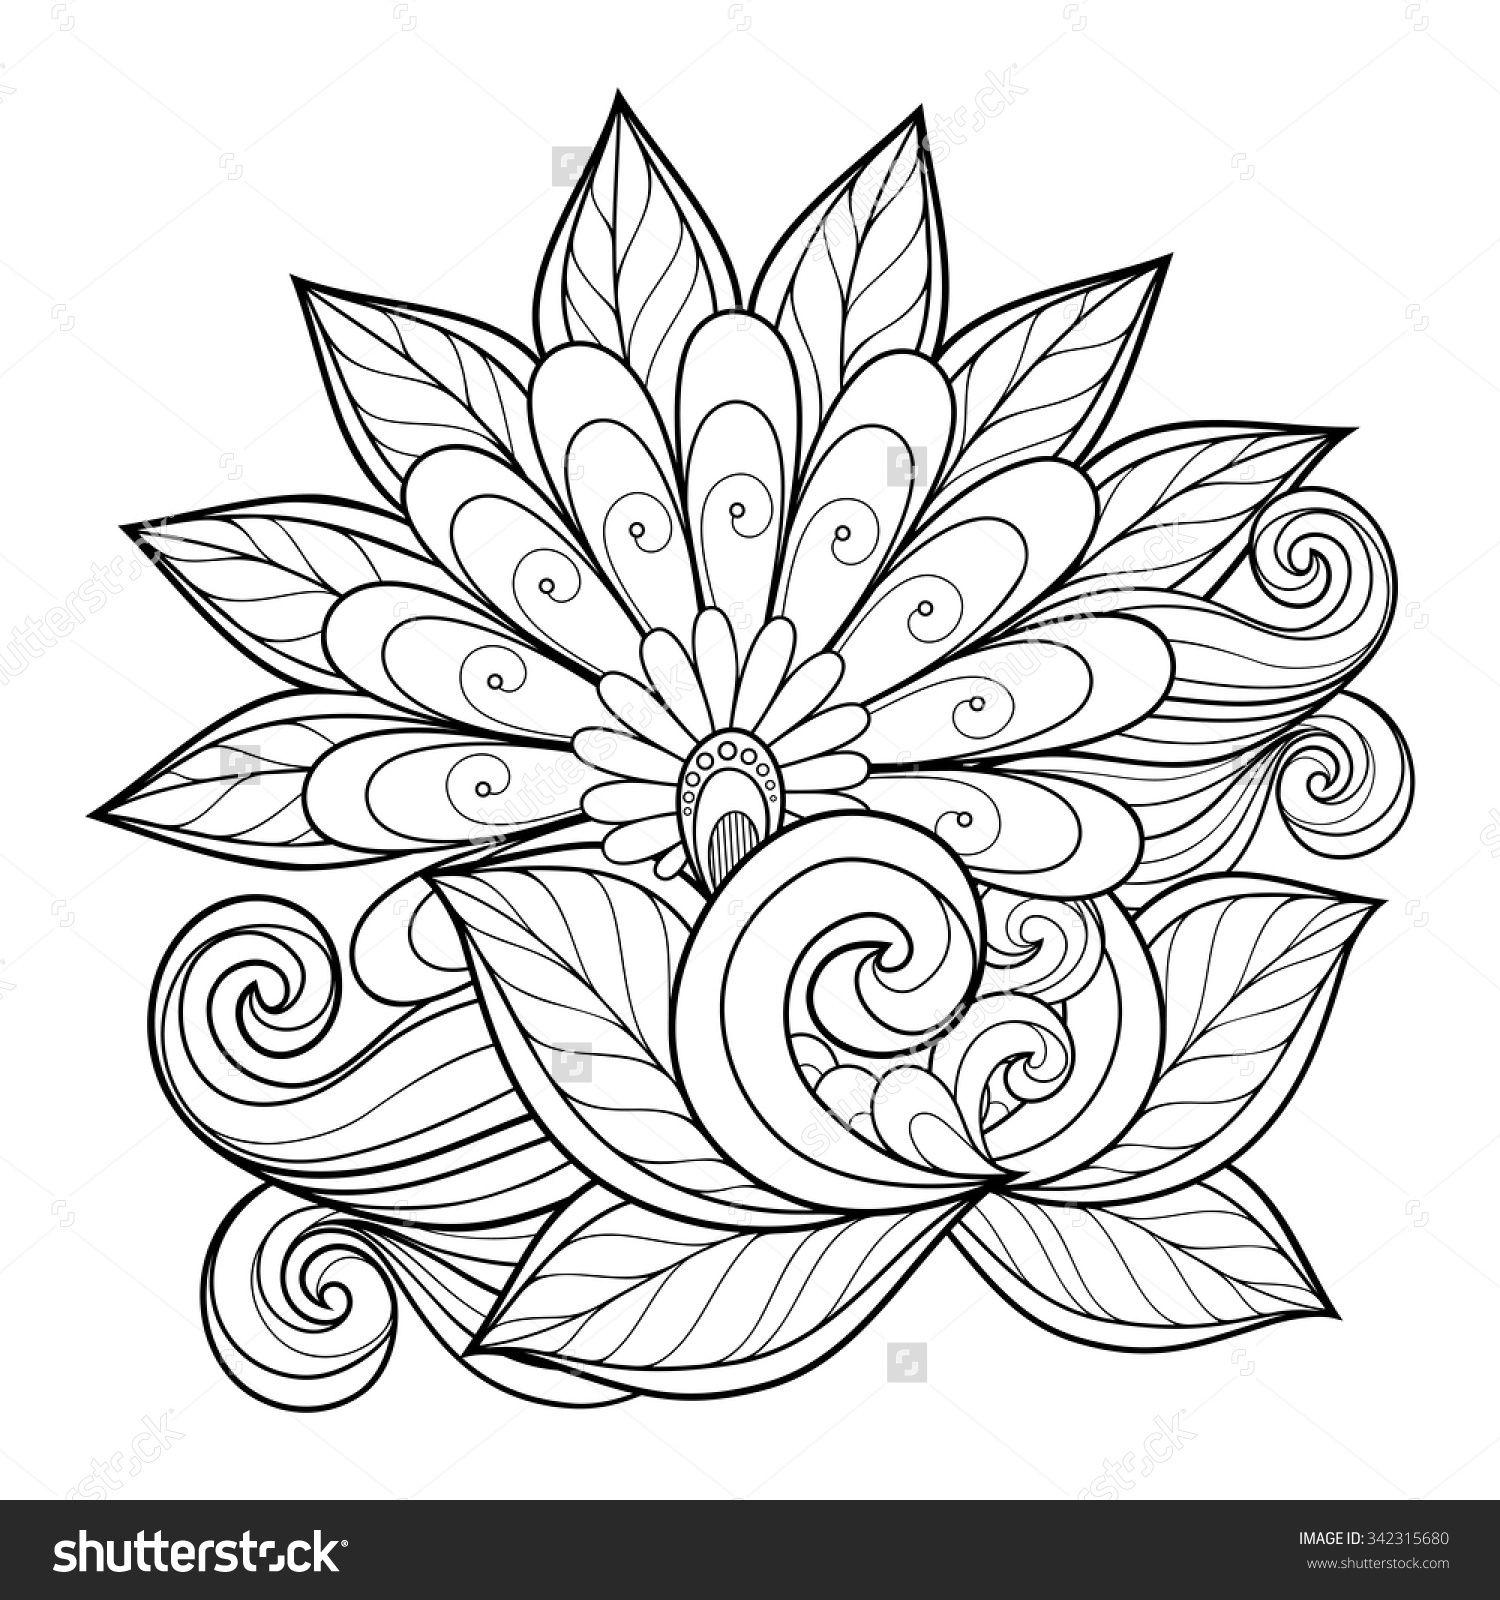 Vector Beautiful Monochrome Contour Flower Floral Design Element Mandala Coloring Pages Mandala Coloring Coloring Pages